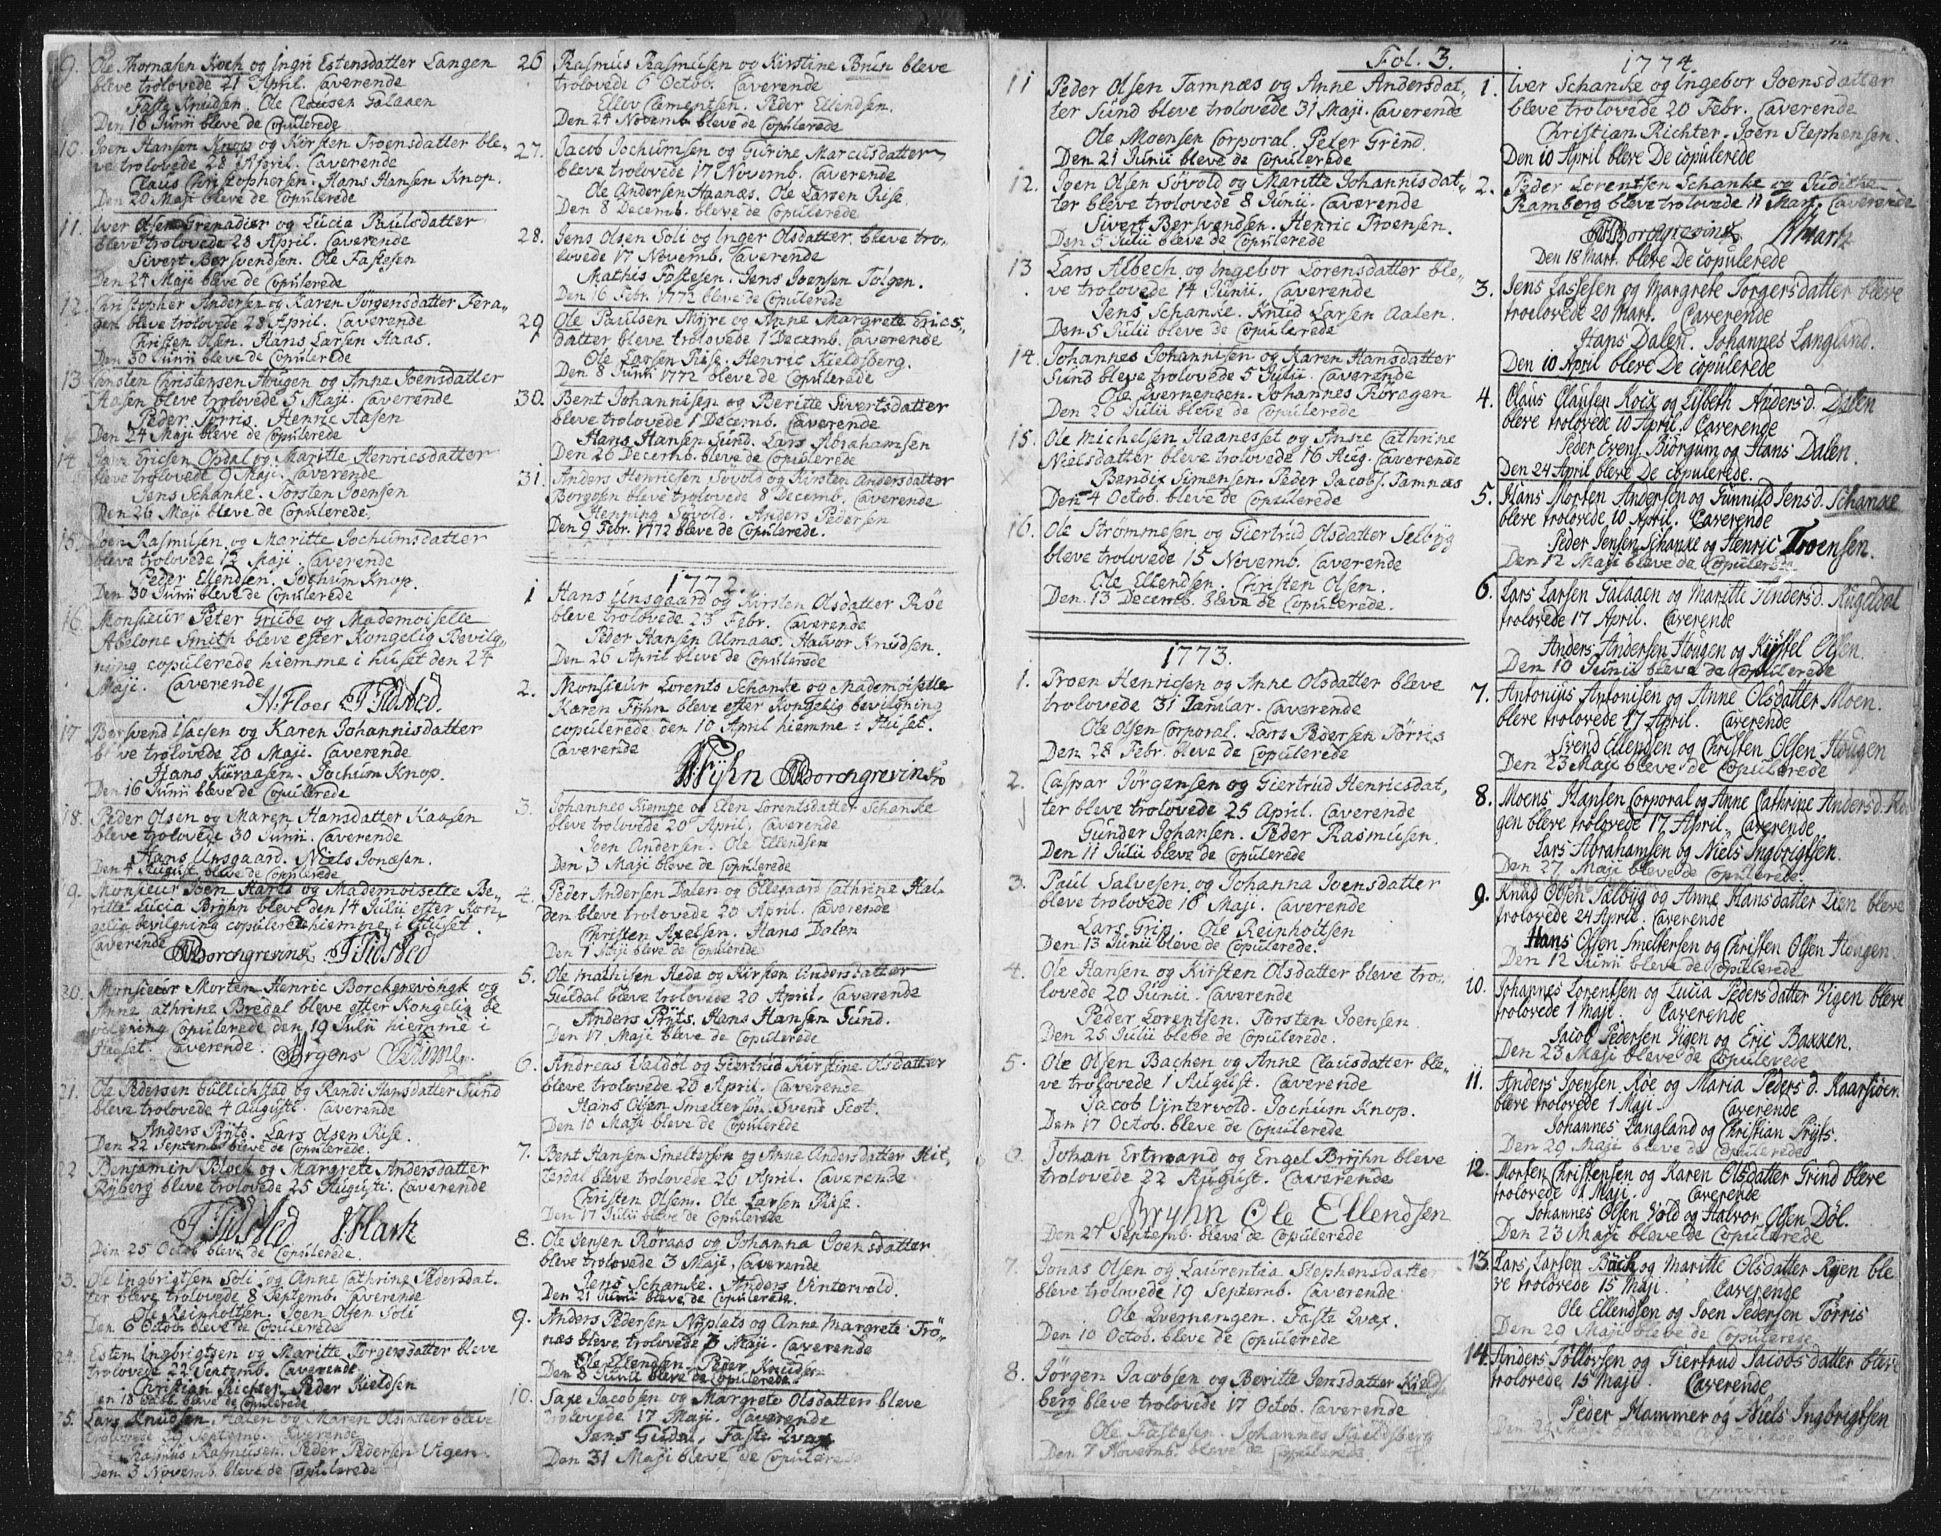 SAT, Ministerialprotokoller, klokkerbøker og fødselsregistre - Sør-Trøndelag, 681/L0926: Ministerialbok nr. 681A04, 1767-1797, s. 3